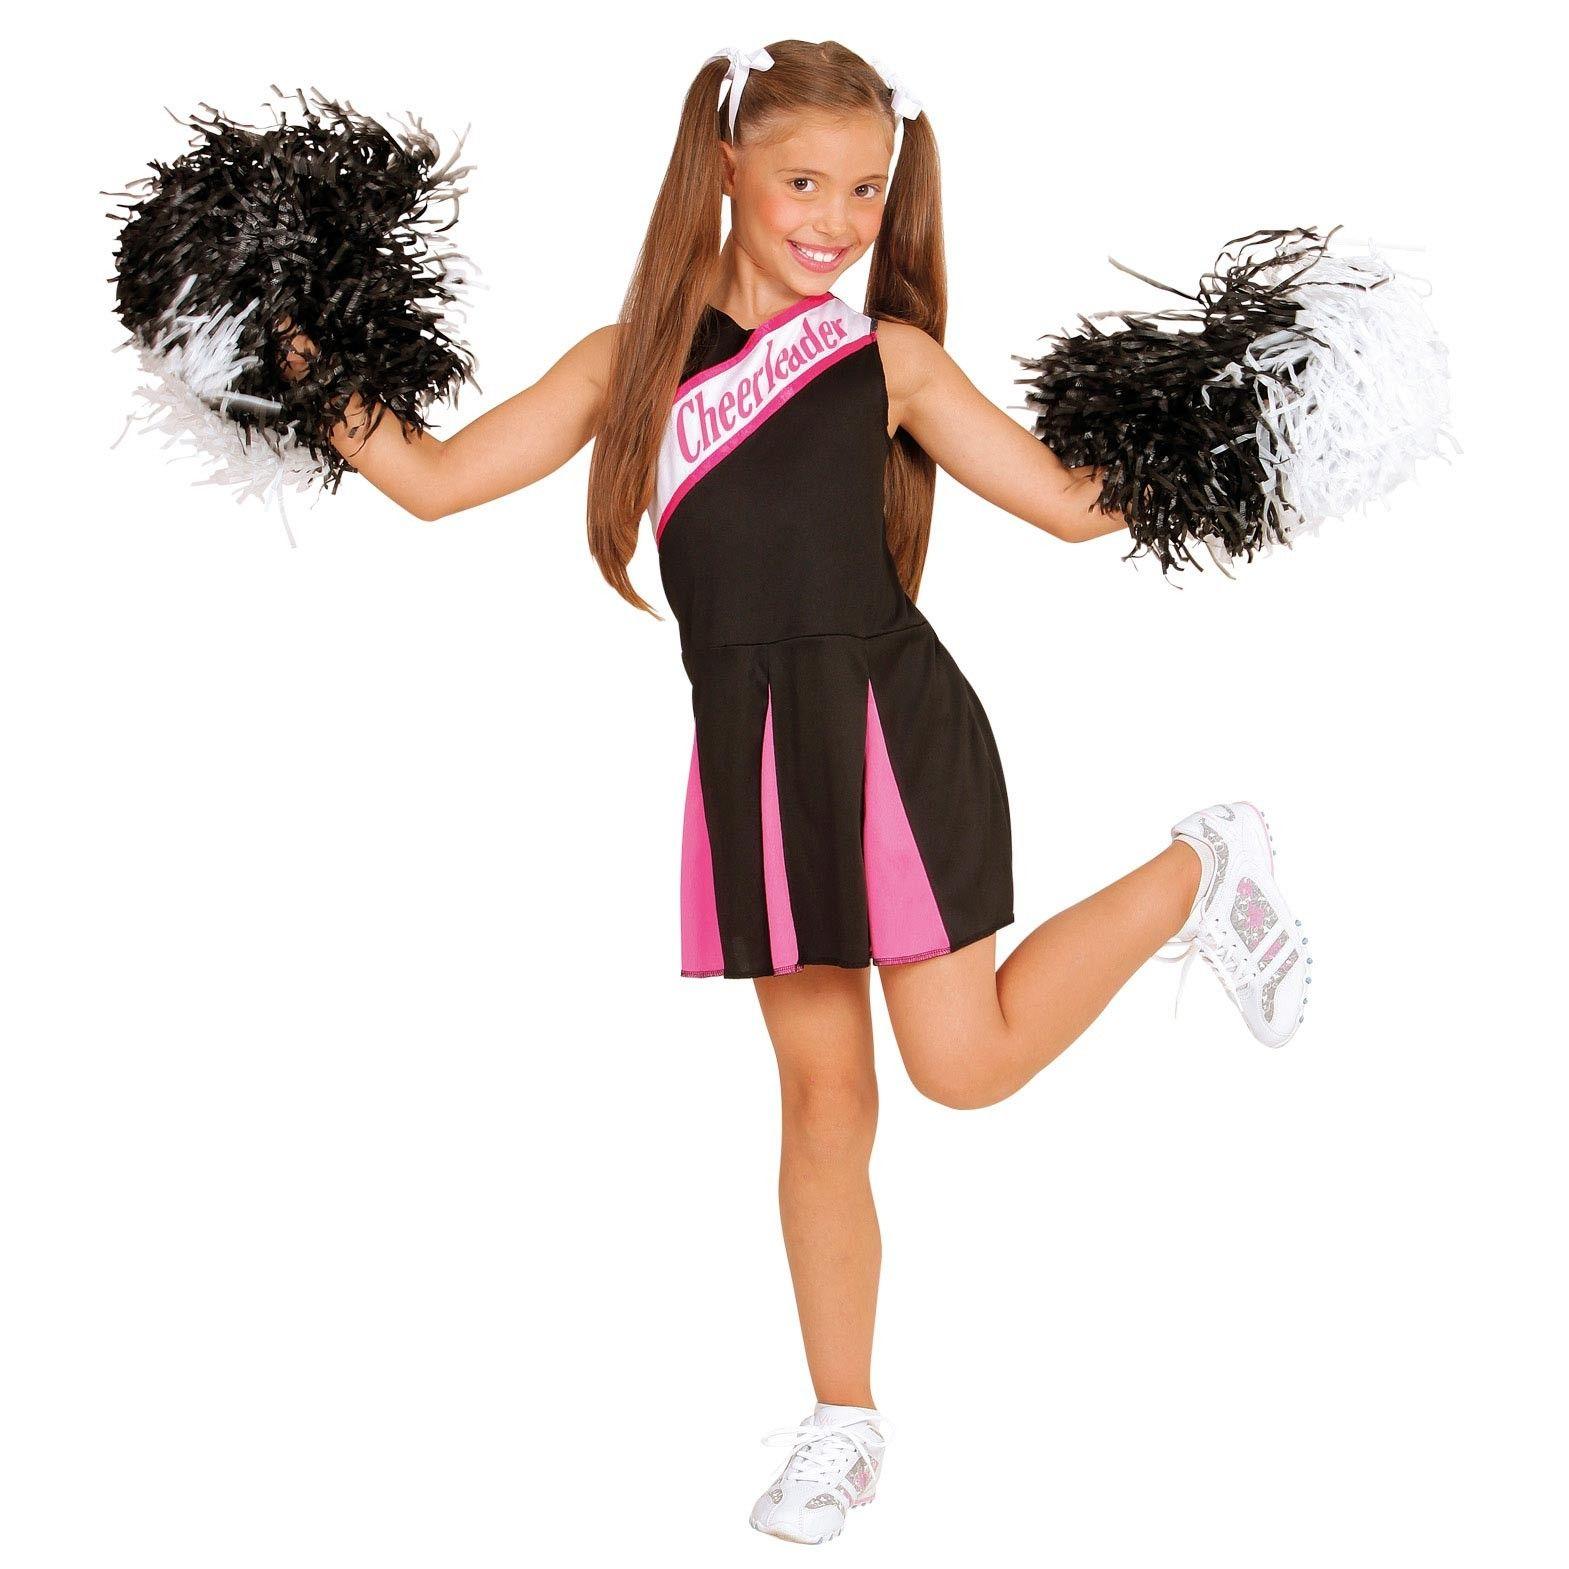 Cheerleader Kinderkostum Schwarz Pink Faschingskostume Madchen Kinder Kostum Madchen Kostume